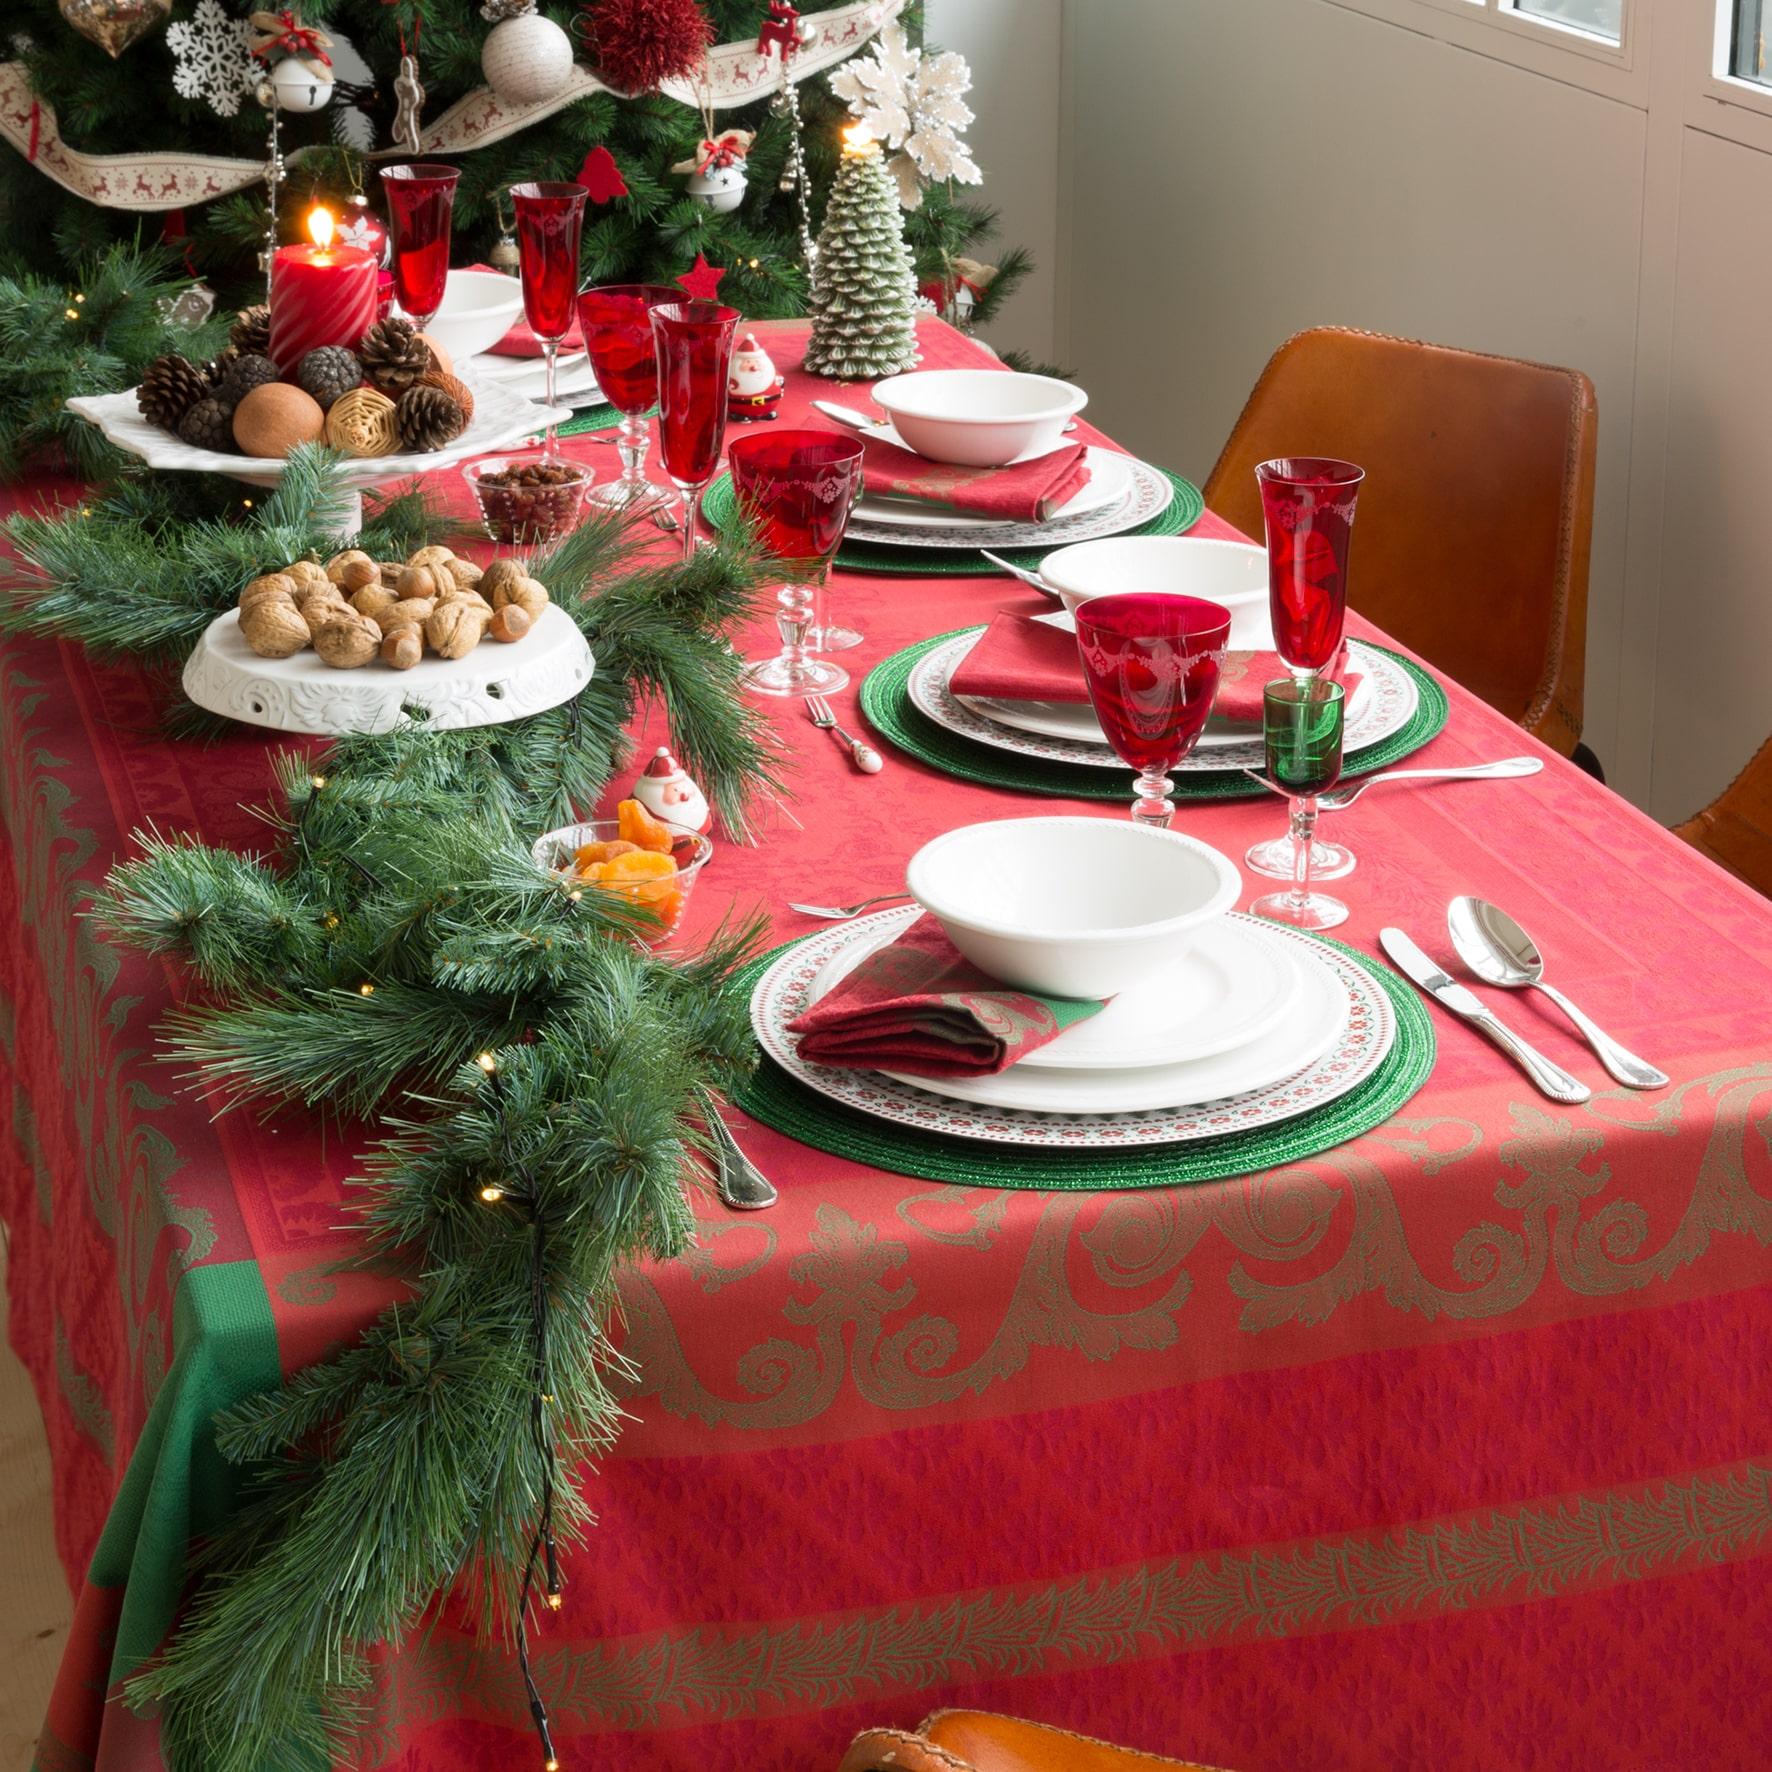 Tavola di Natale tovaglia rossa